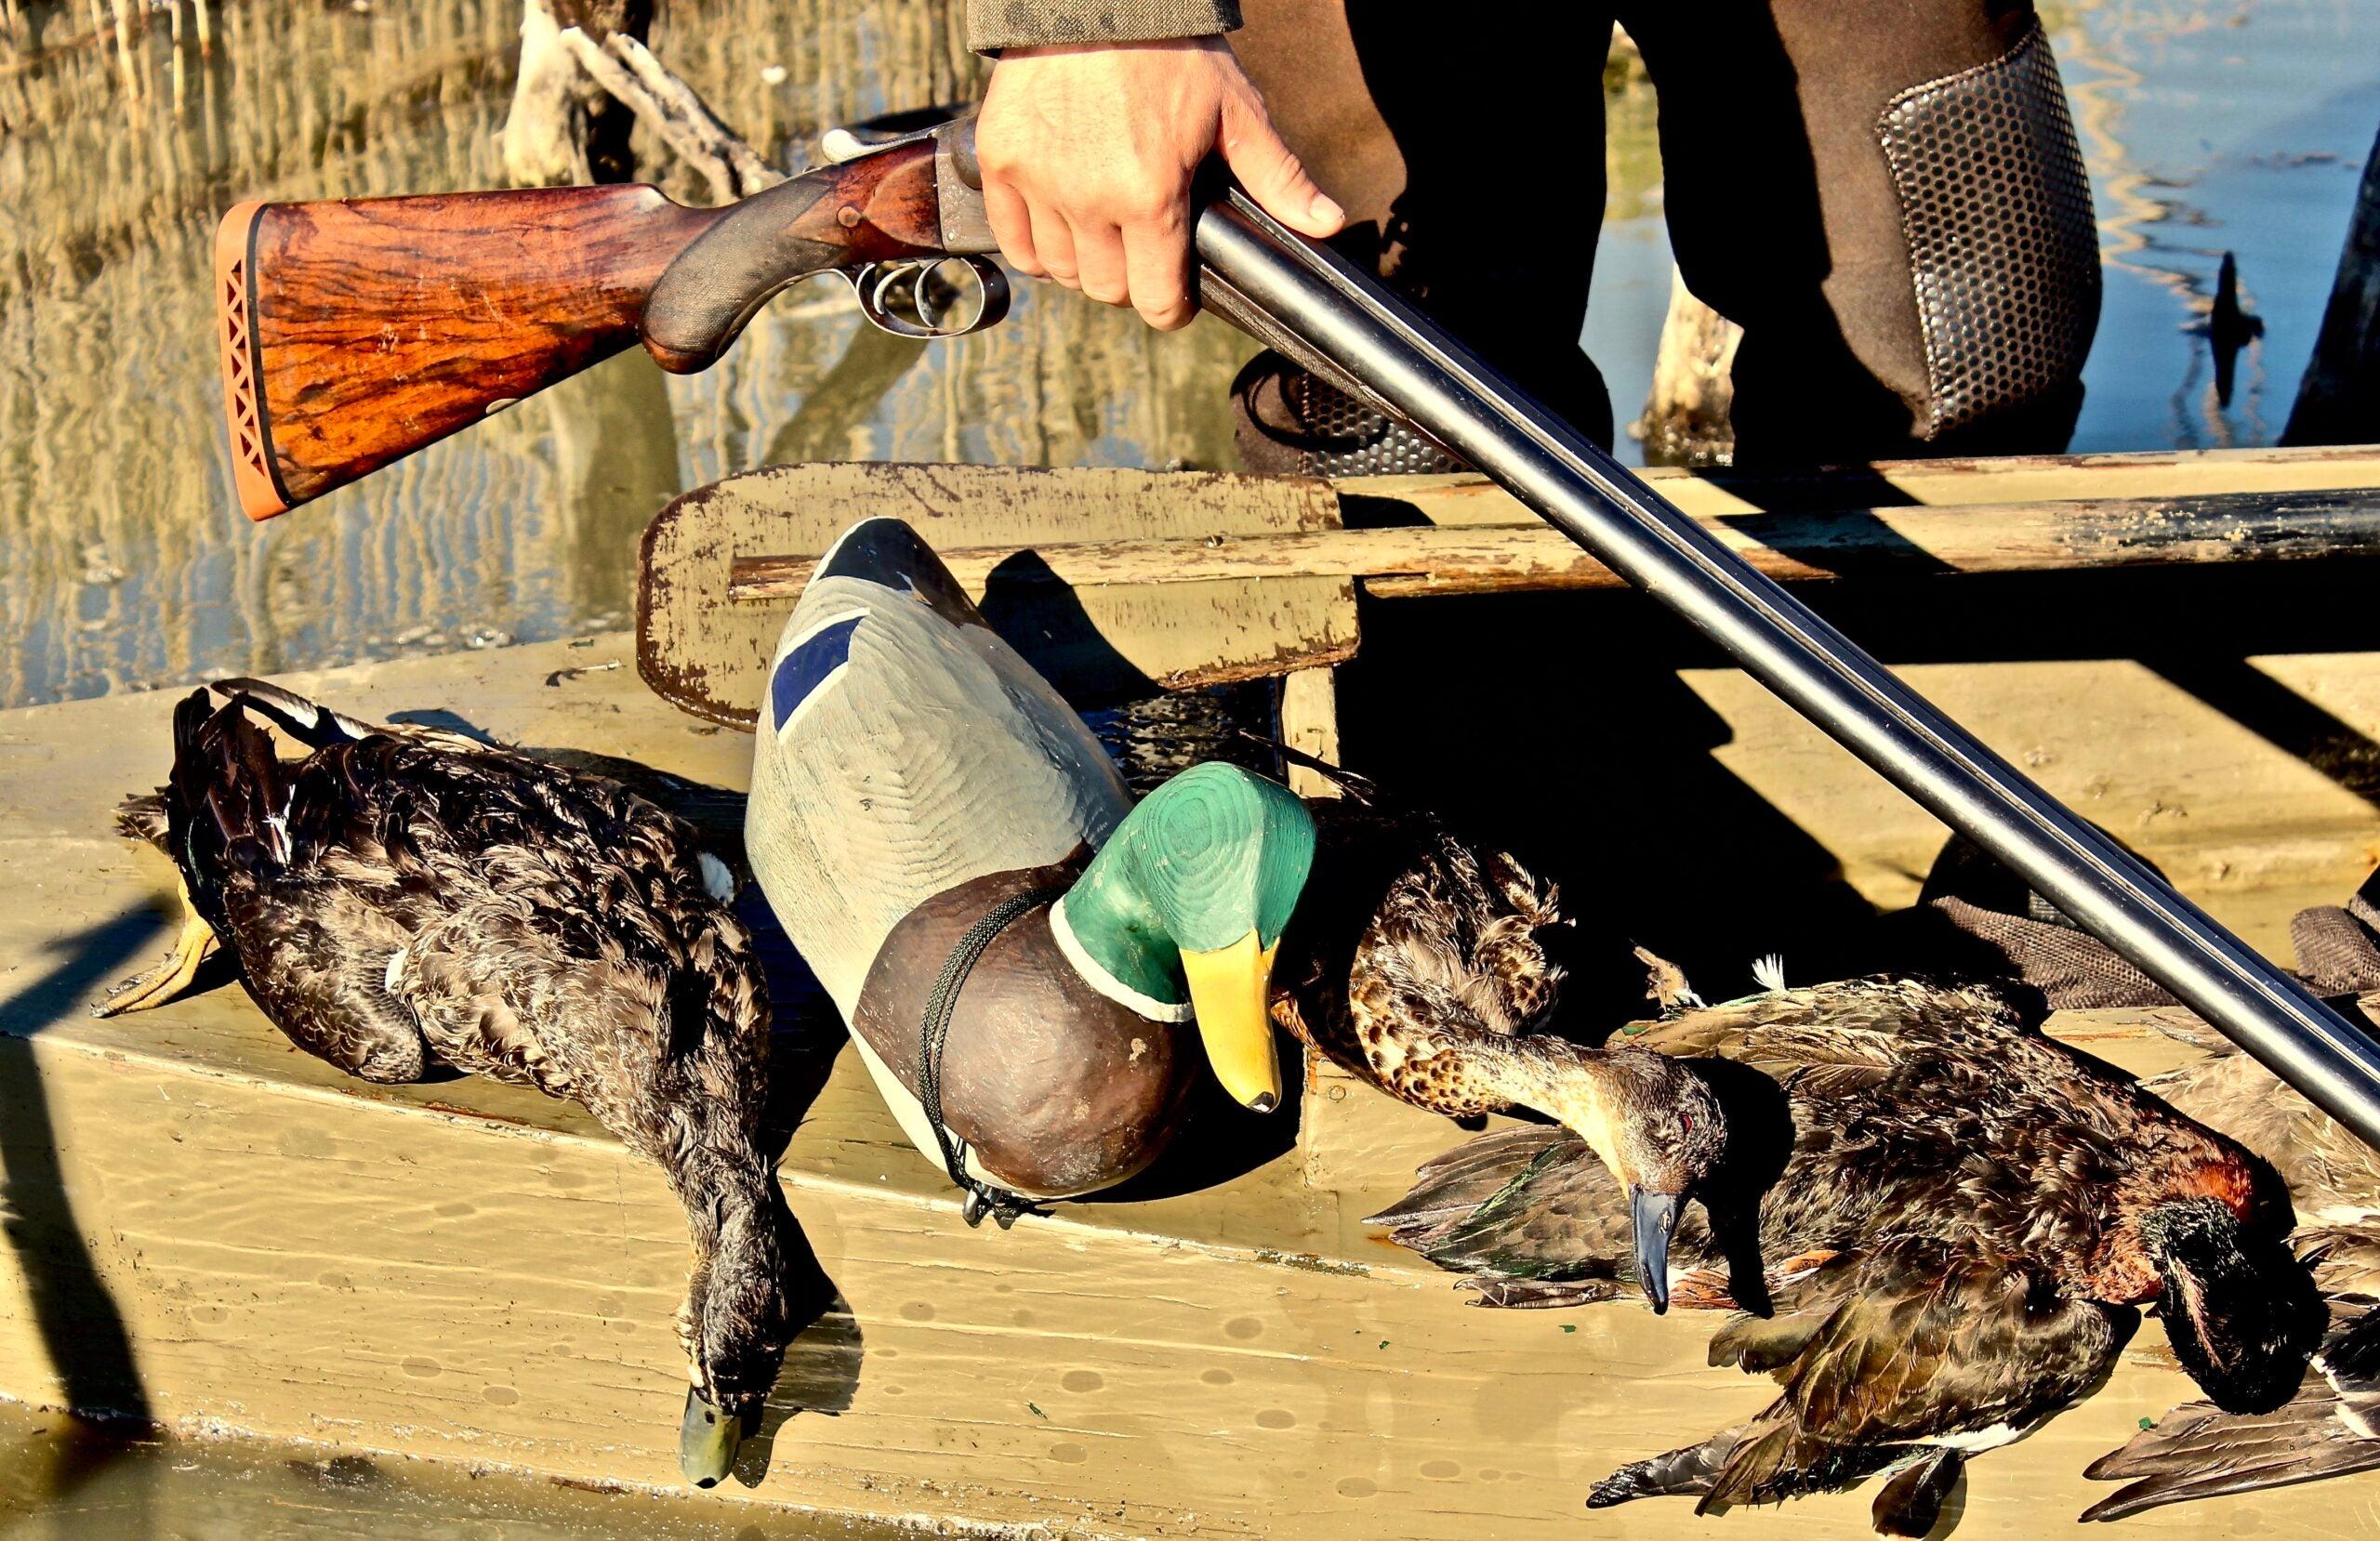 Mallard duck decoy with dead ducks in a boat.